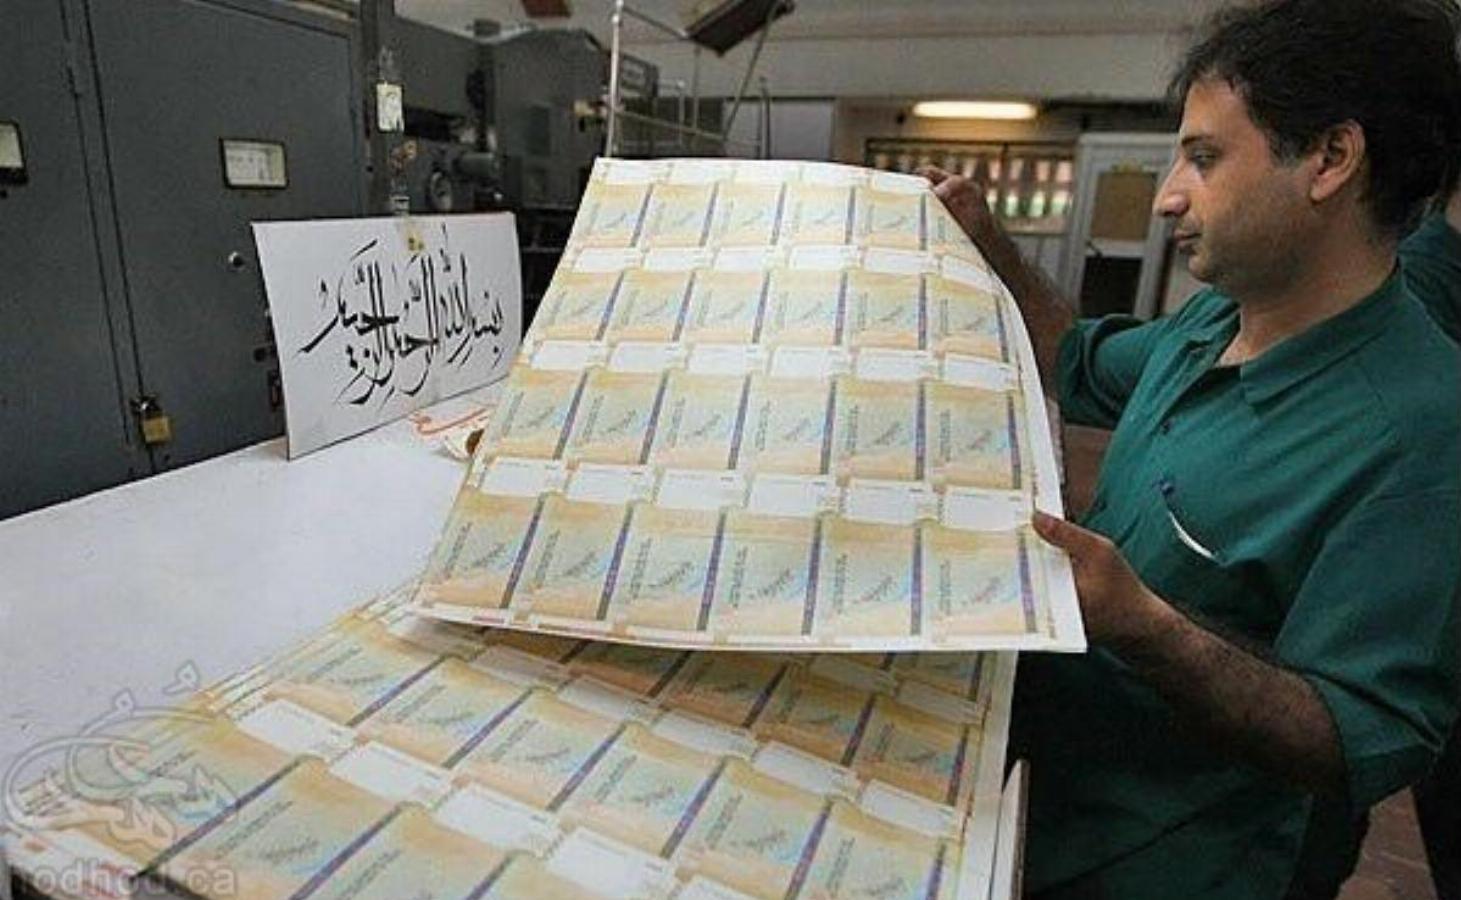 تومان در زمین مجلس، واحد پول ملی ایران تغییر می کند